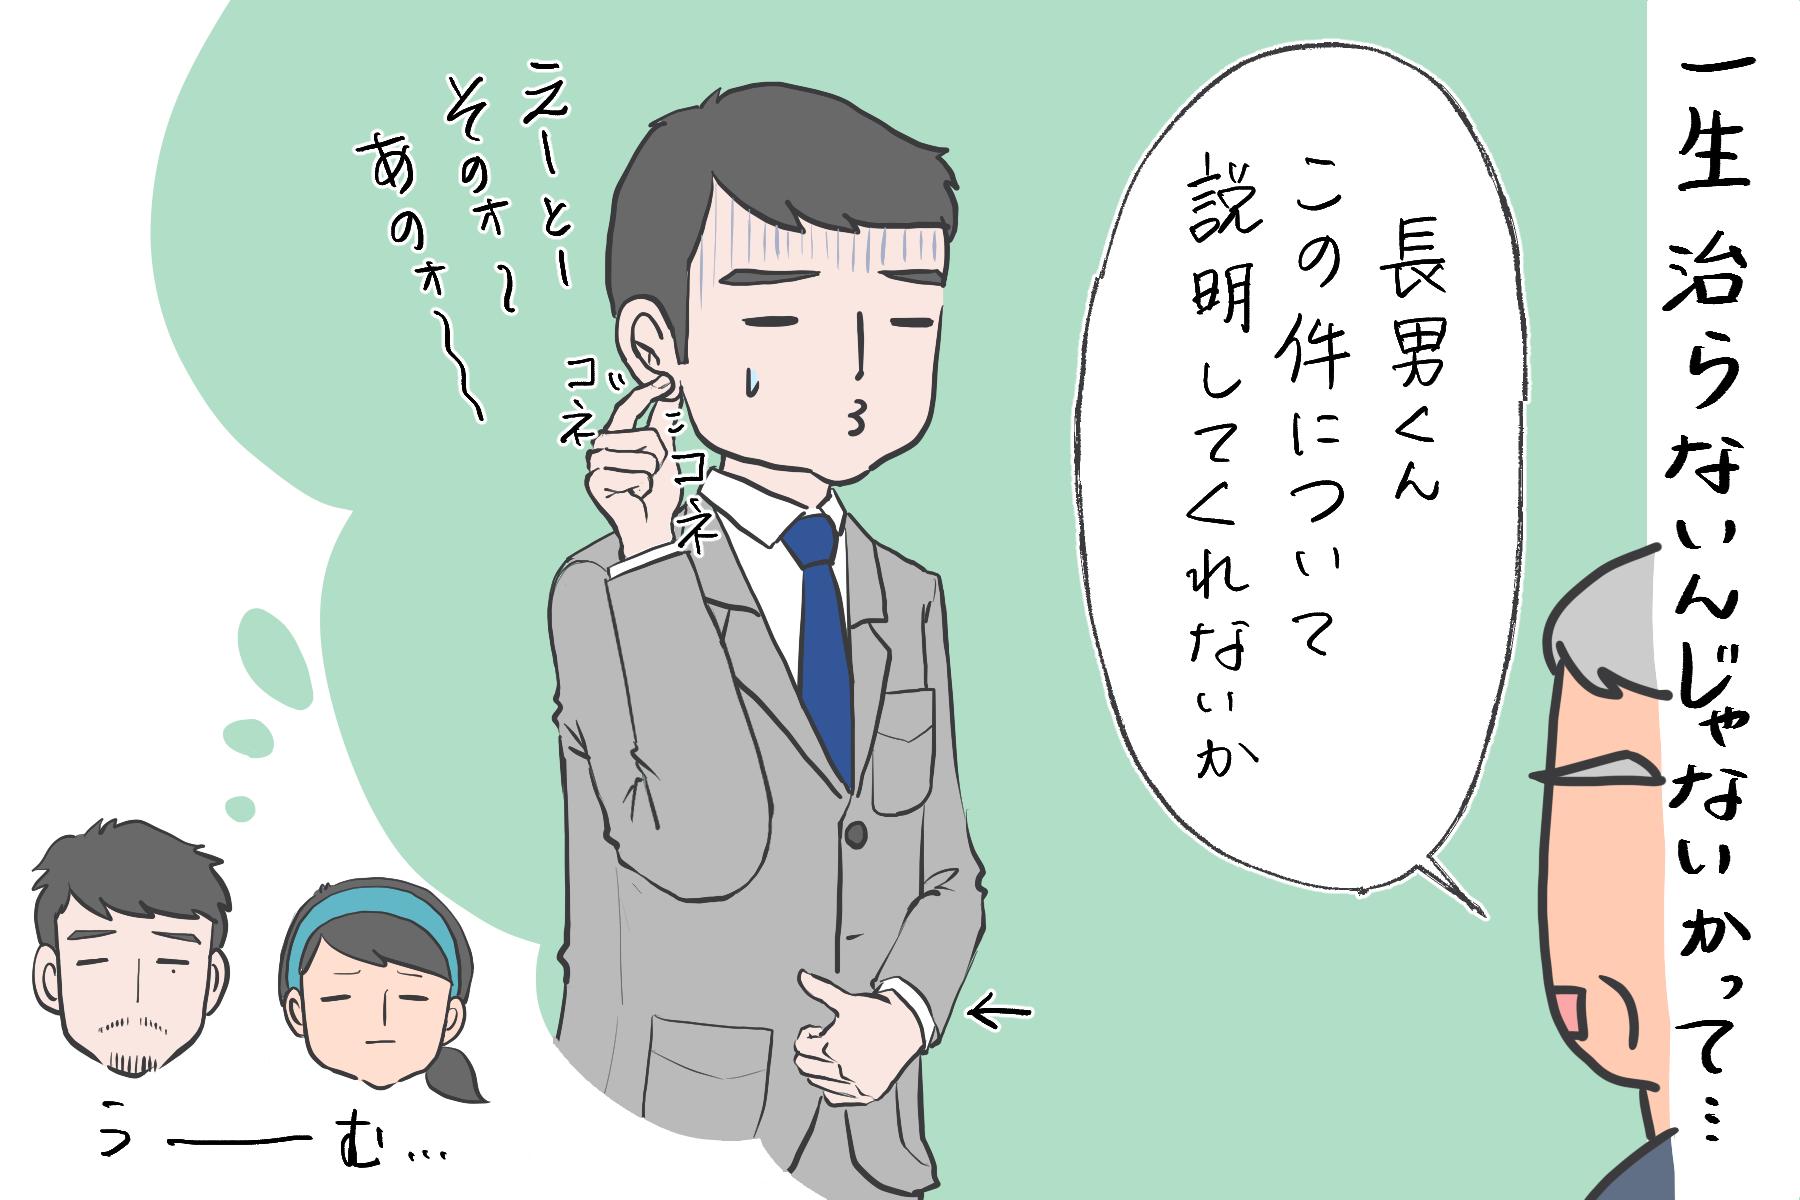 指しゃぶりのやめさせ方がわからない…/息子3人の指しゃぶり問題(1)